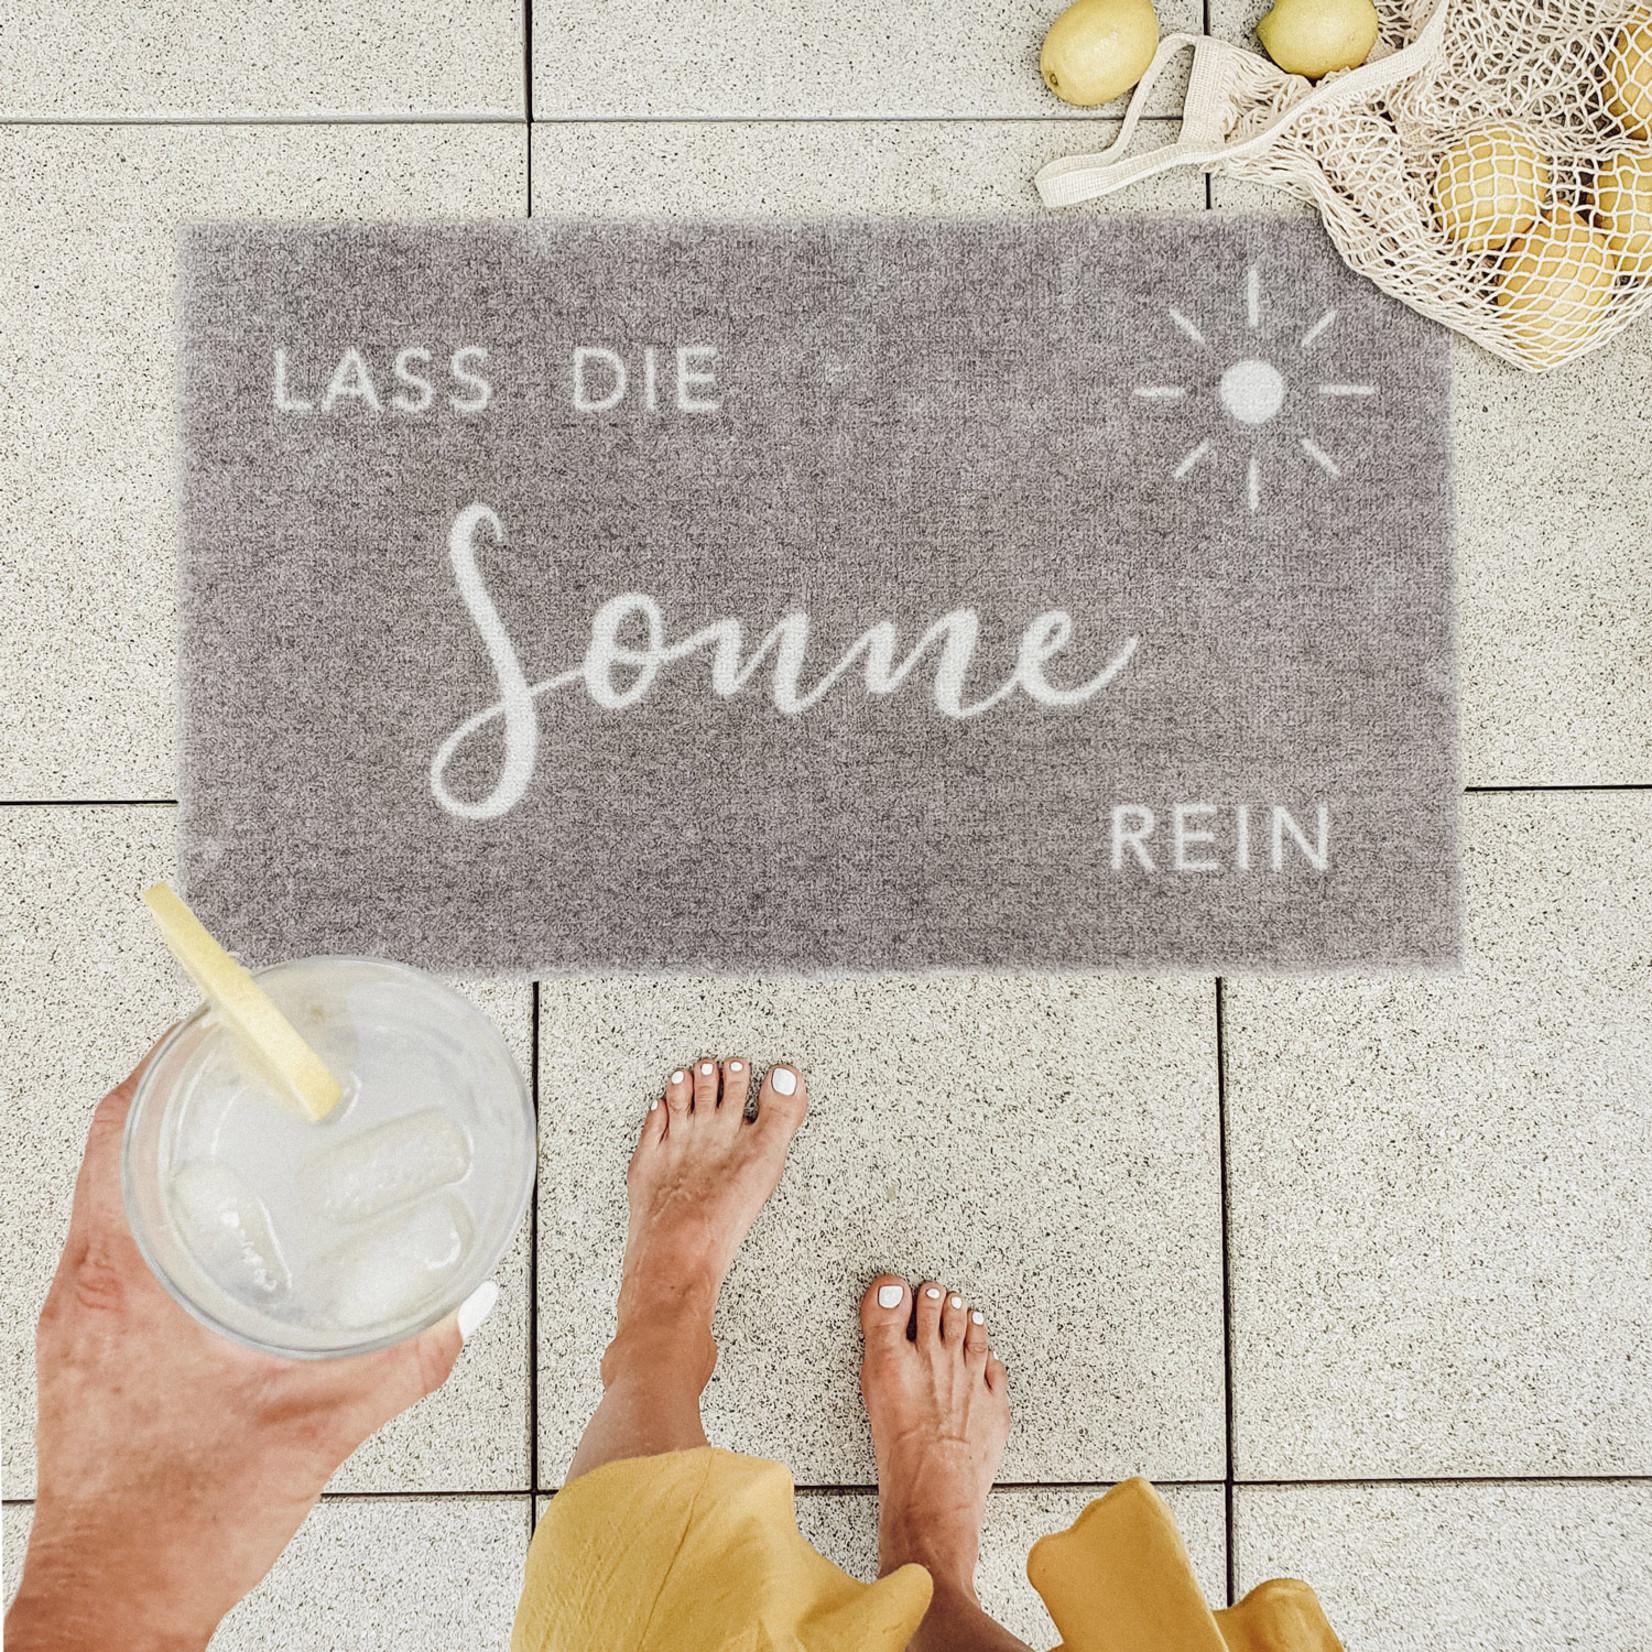 Eulenschnitt Waschbare Fußmatte Lass die Sonne Rein